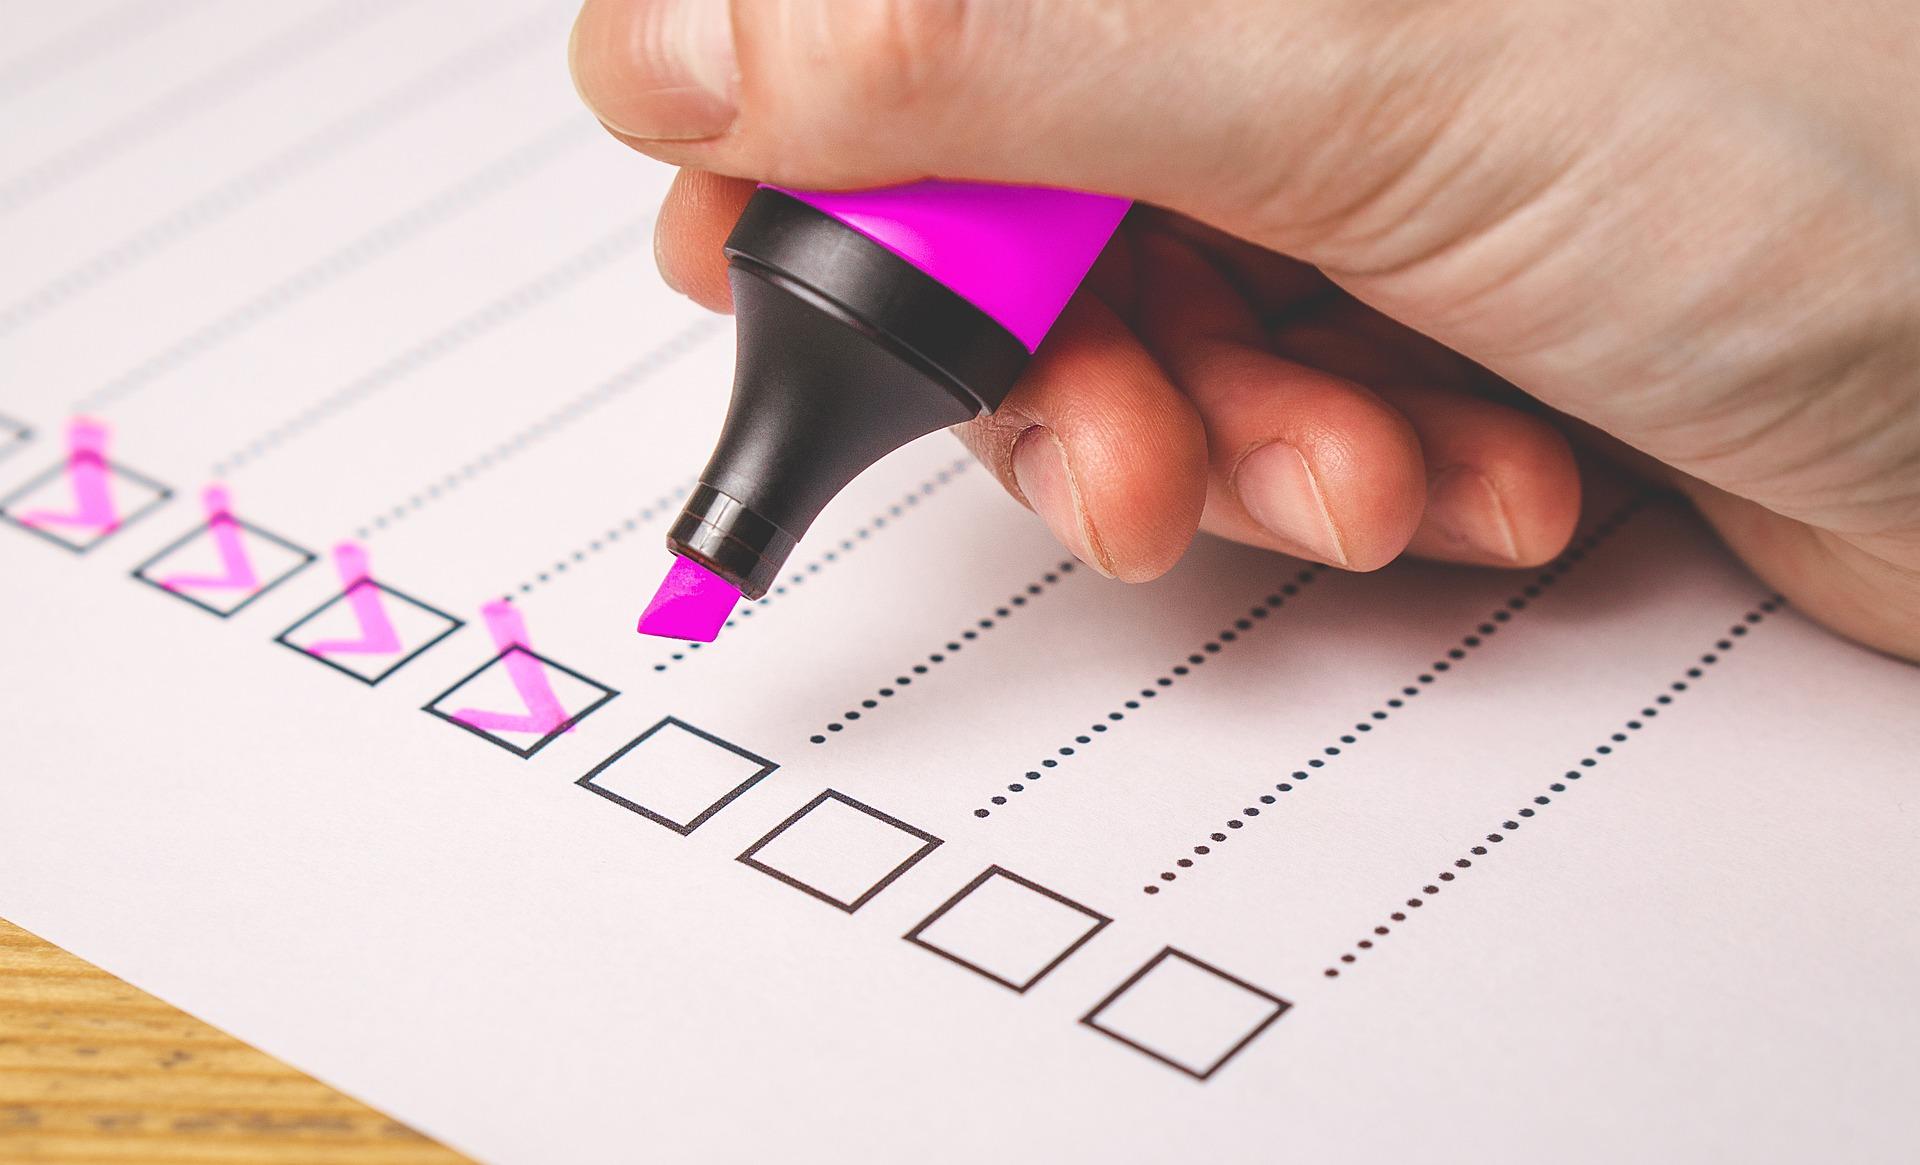 Critérios de avaliação de resumos (2019)